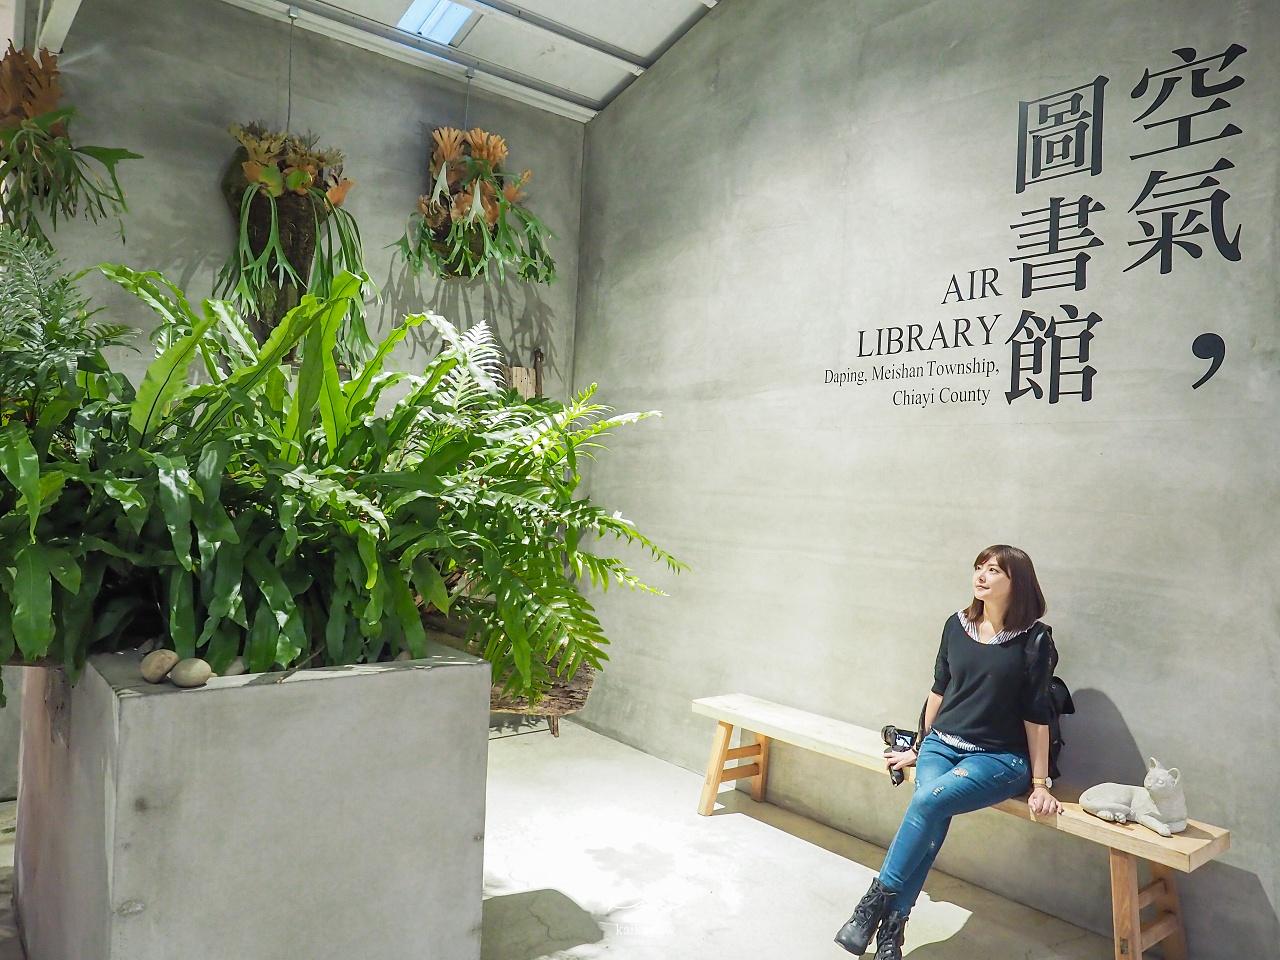 閱讀文章:☆【嘉義】IG美照拍起來!梅山超夯景點|森林系空氣圖書館